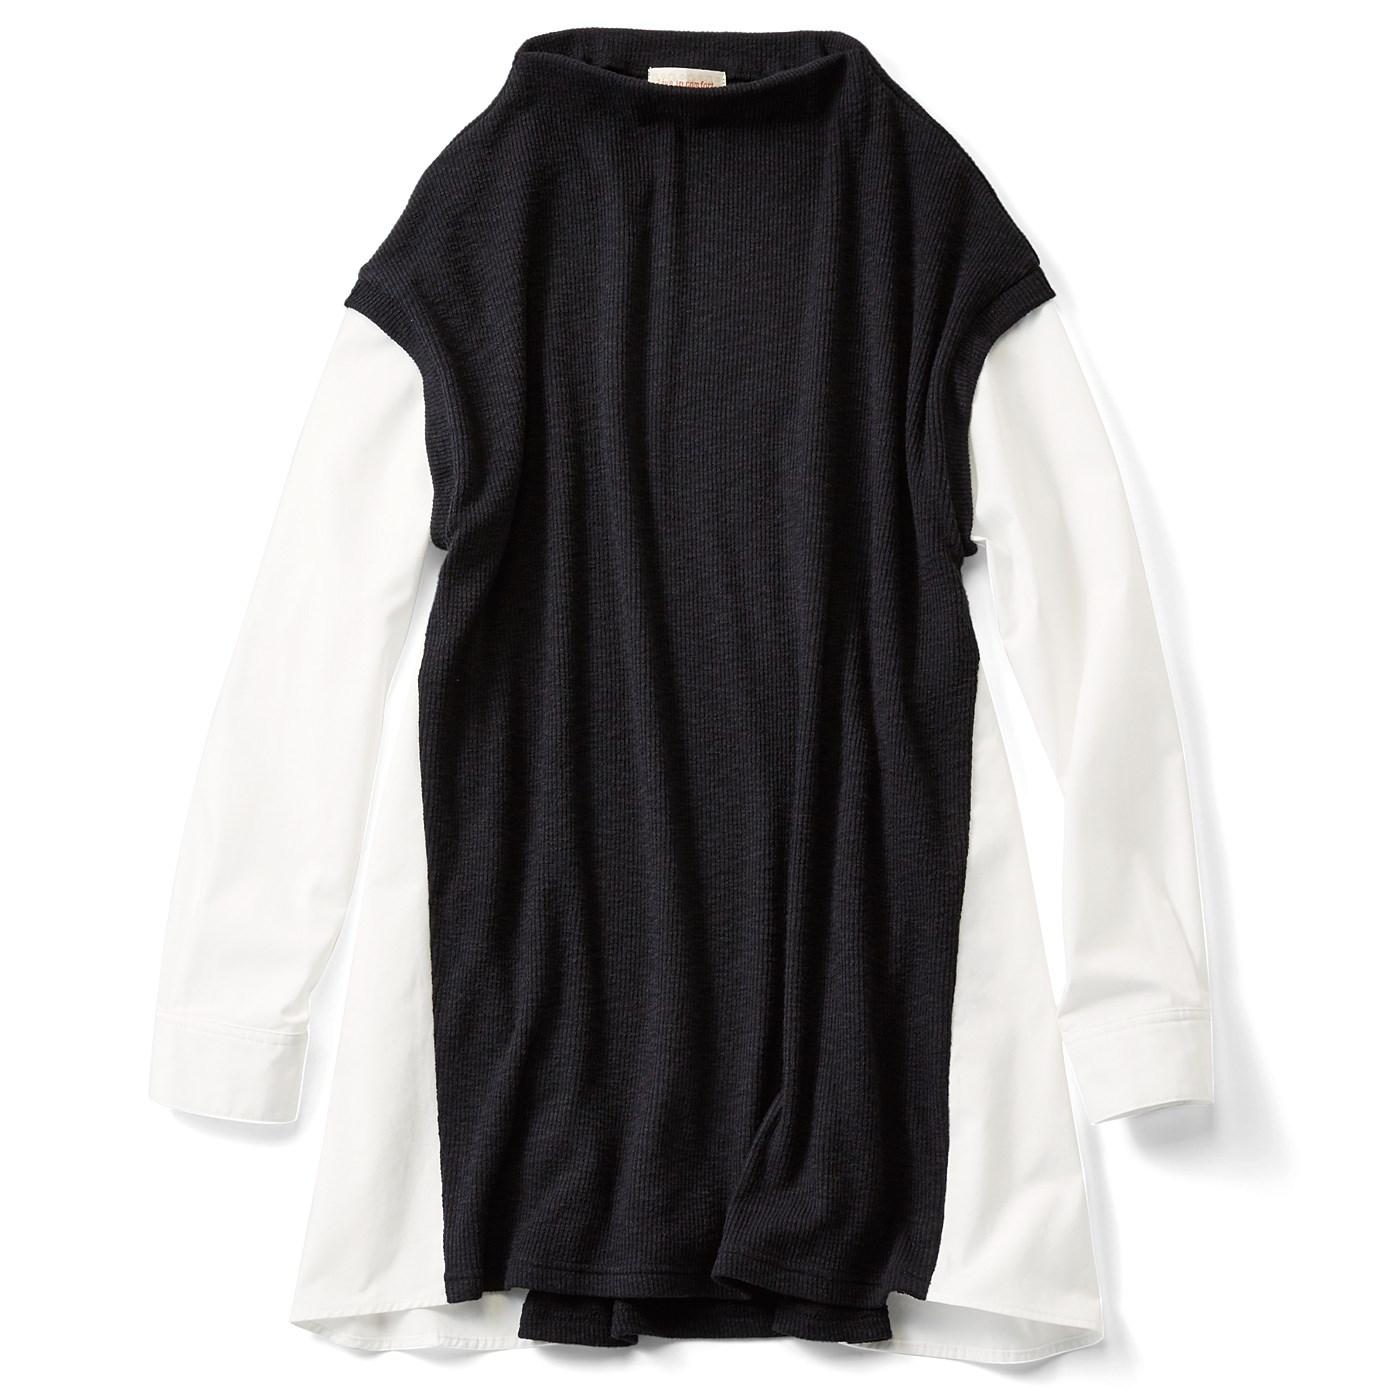 リブ イン コンフォート きちんと大人感 ニット見え素材とシャツの重ね着風ドッキングチュニック〈ブラック〉